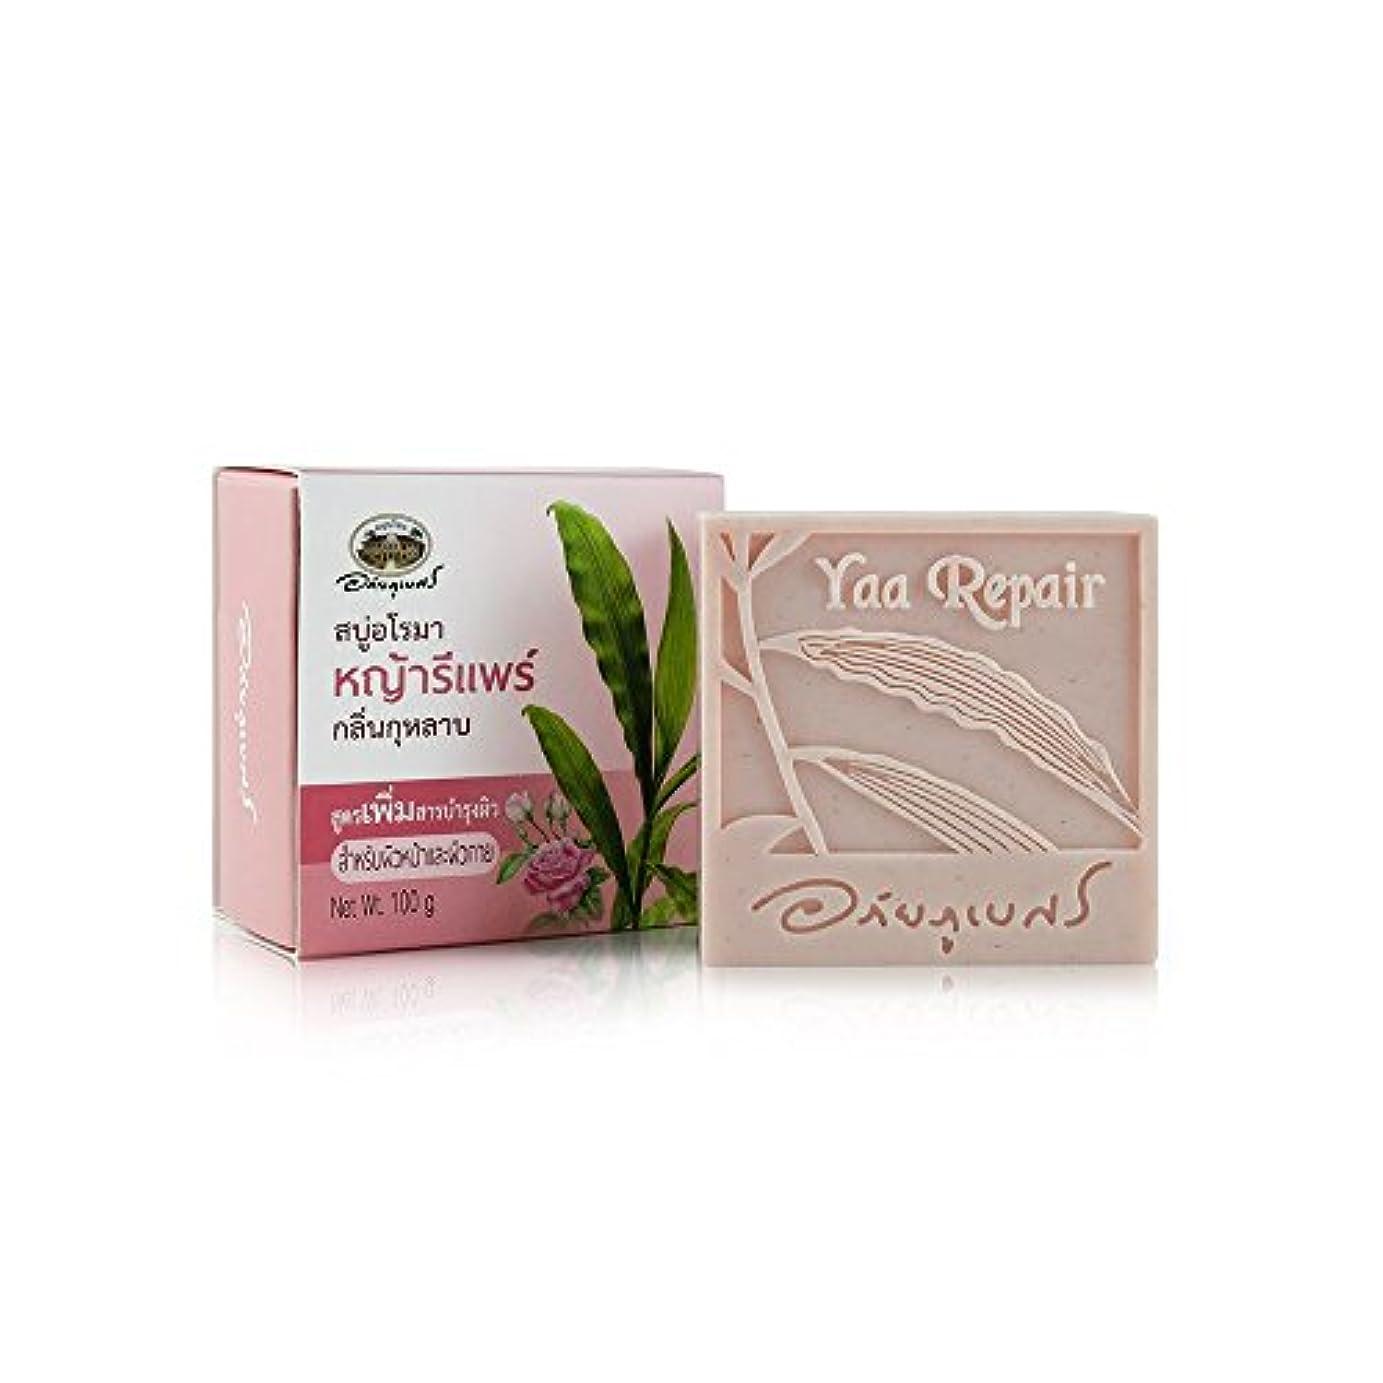 ブローホールテセウスためにAbhaibhubejhr Thai Aromatherapy With Rose Skin Care Formula Herbal Body Face Cleaning Soap 100g. Abhaibhubejhr...